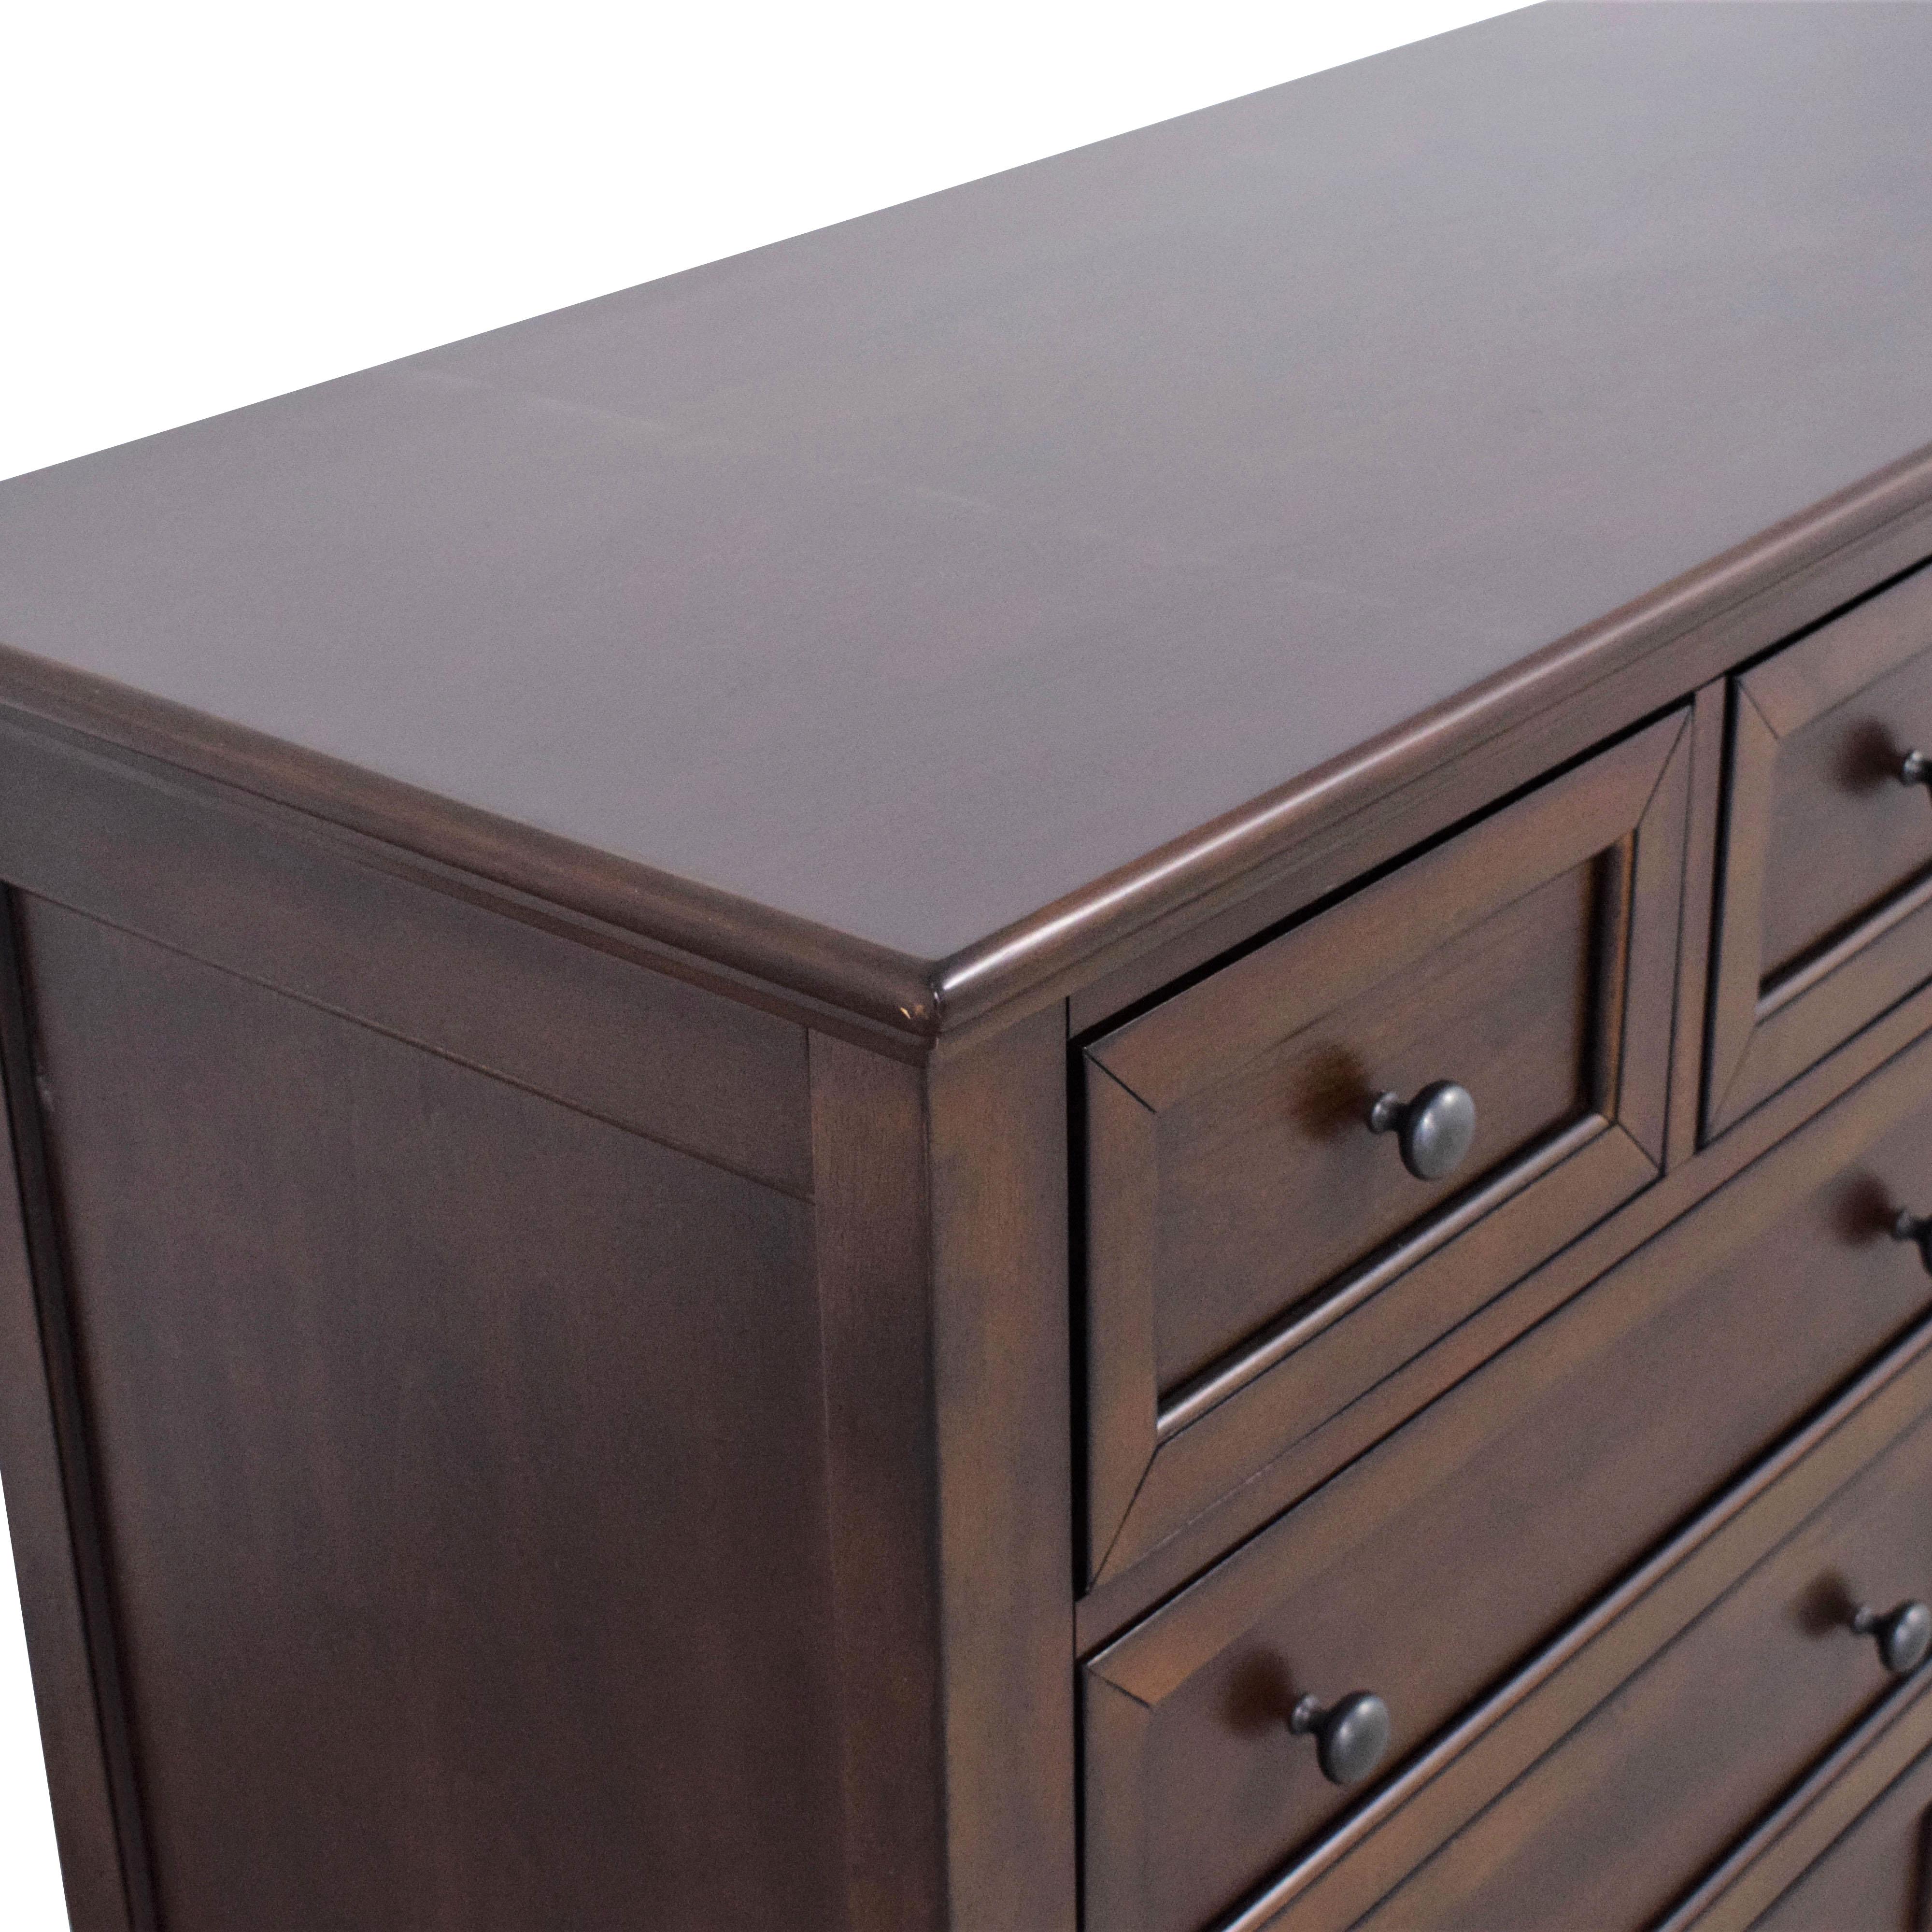 Macy's Sanibel Ten Drawer Dresser sale